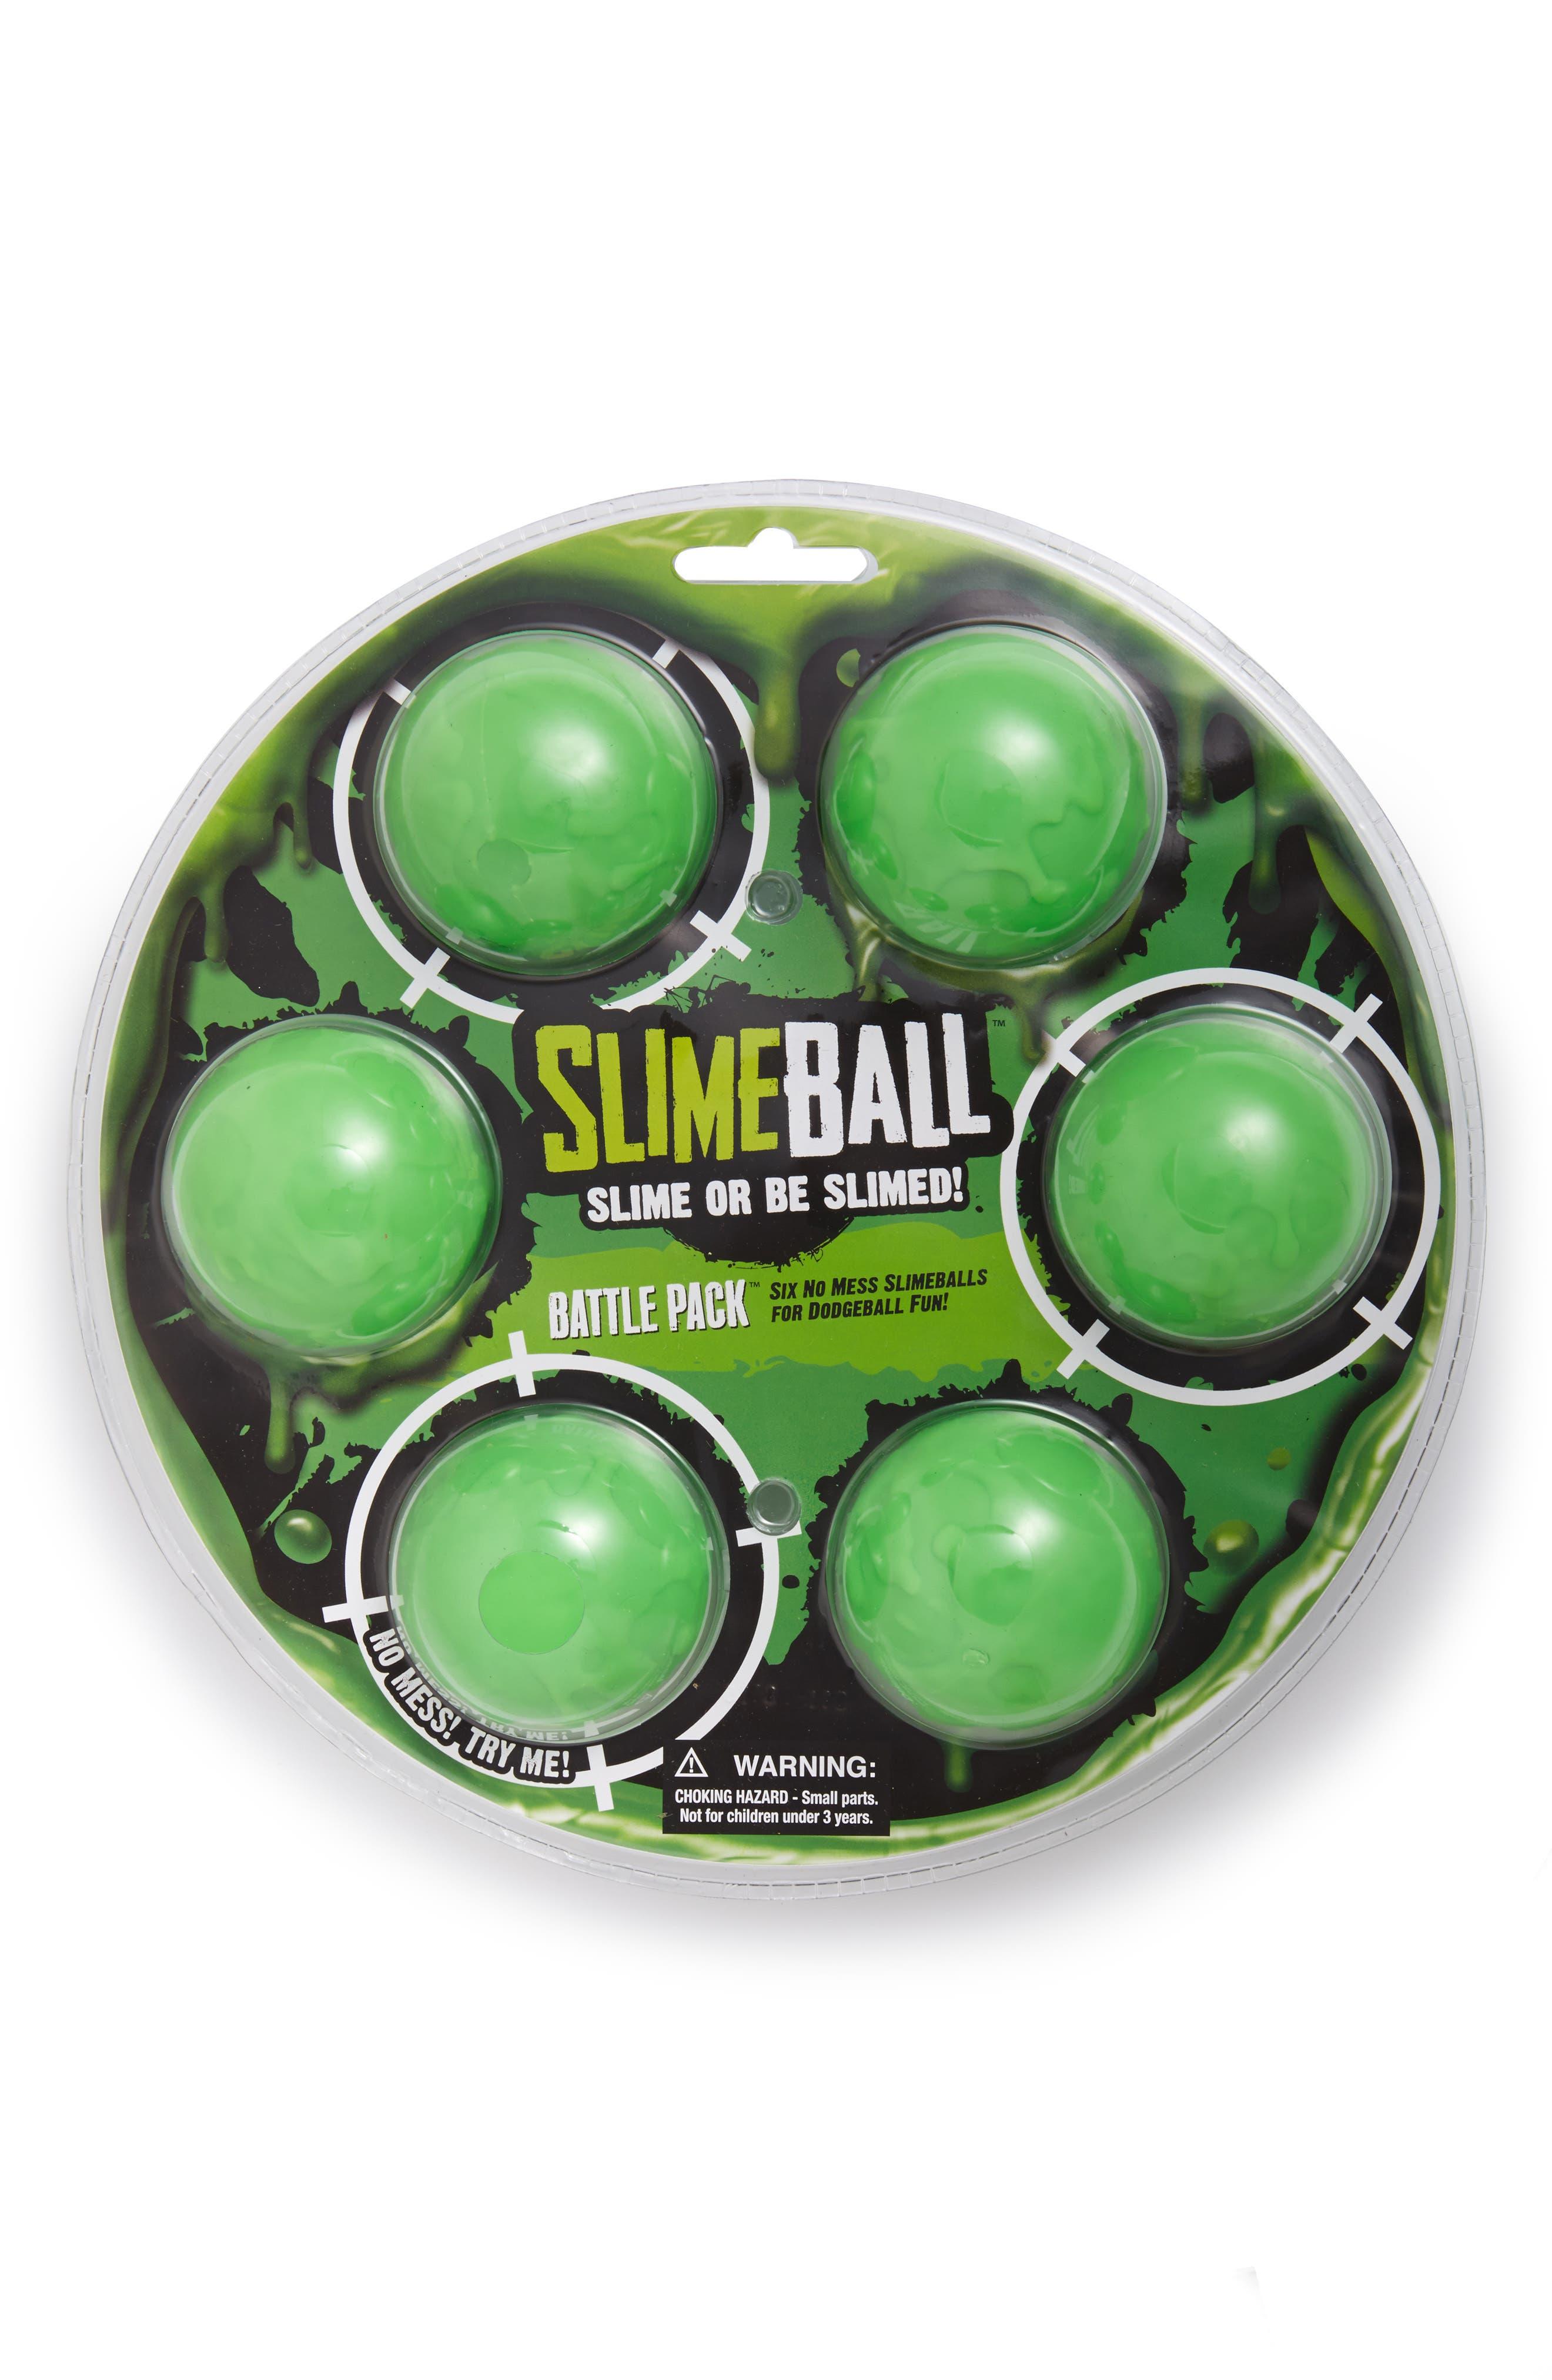 Diggin'Slimeball' Battle Pack